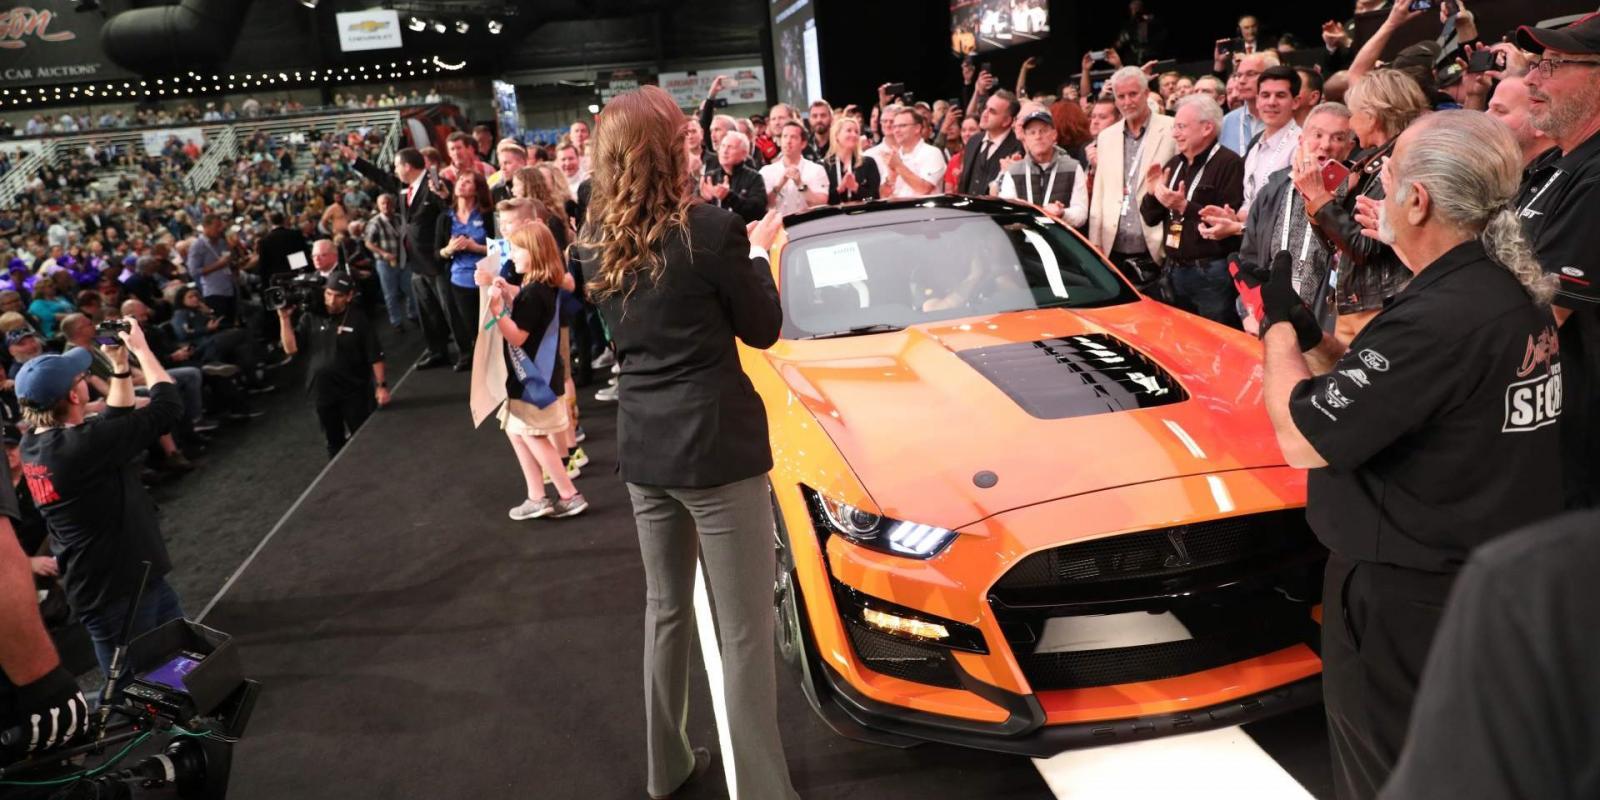 El primer Mustang Shelby GT500 se subastó en 1 millón de dólares